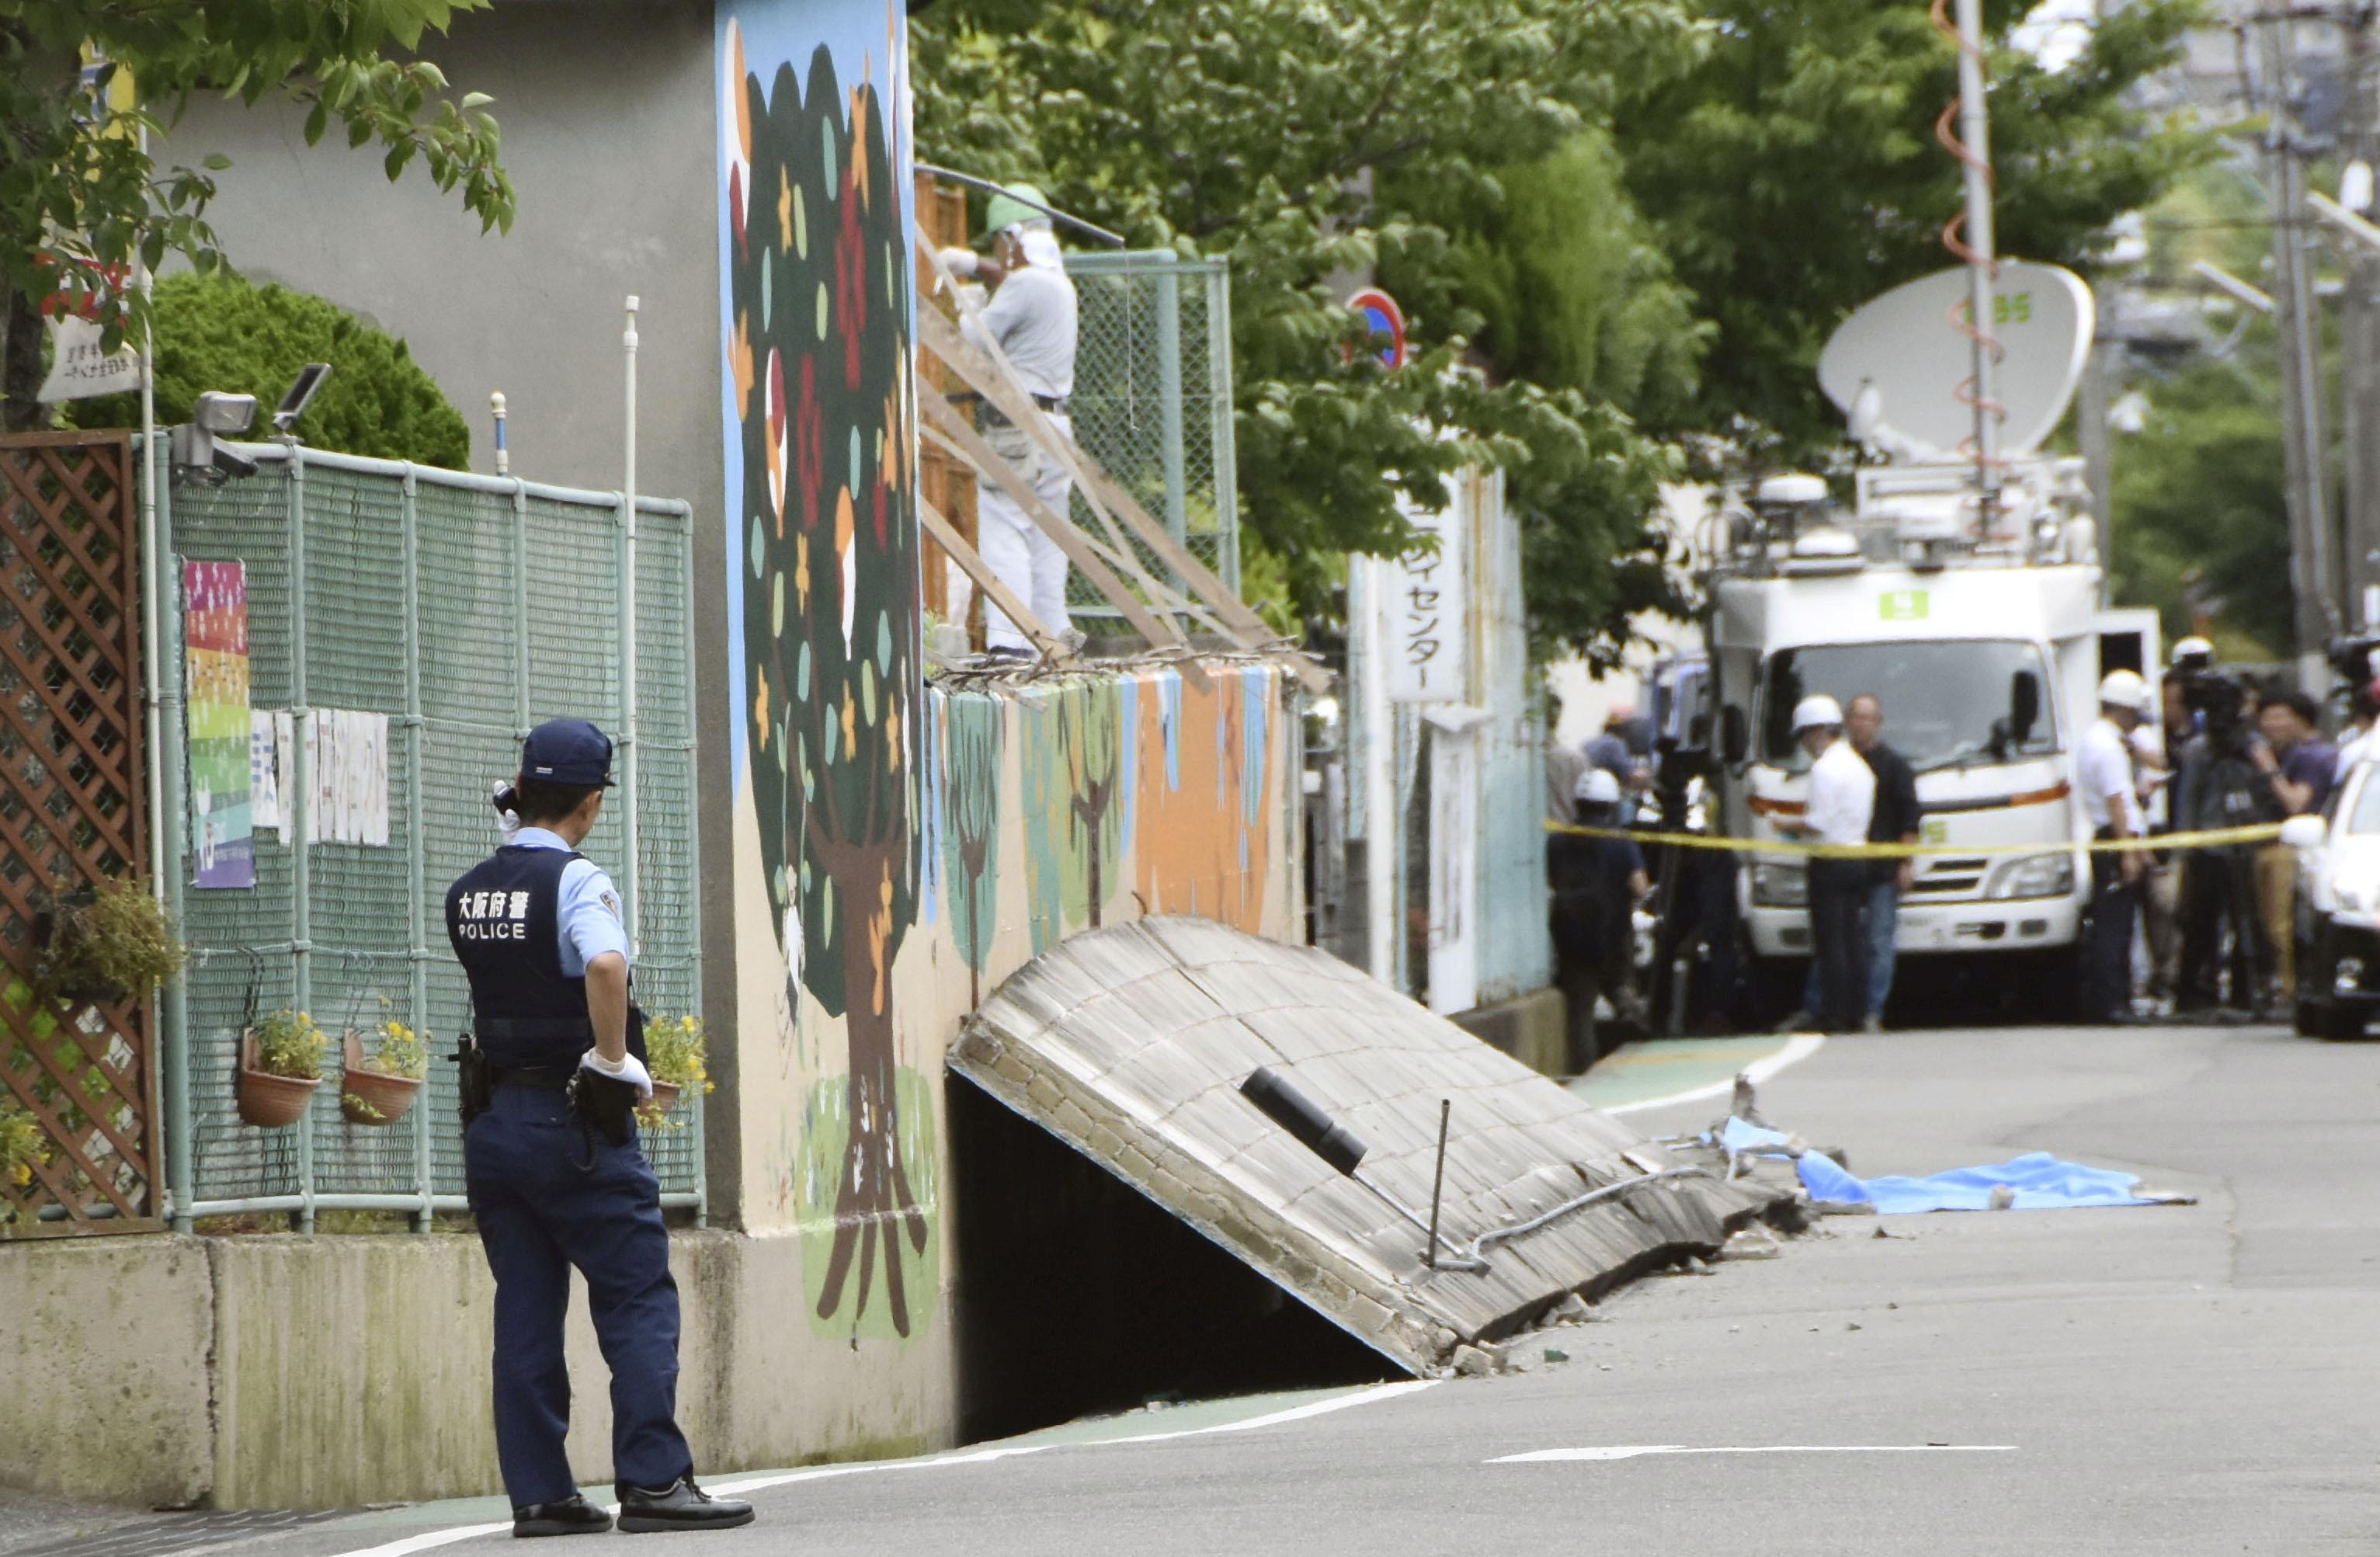 ضابط يابانى يتابع الموقف بعد سقوط حائط على فتاة أدى إلى وفاتها